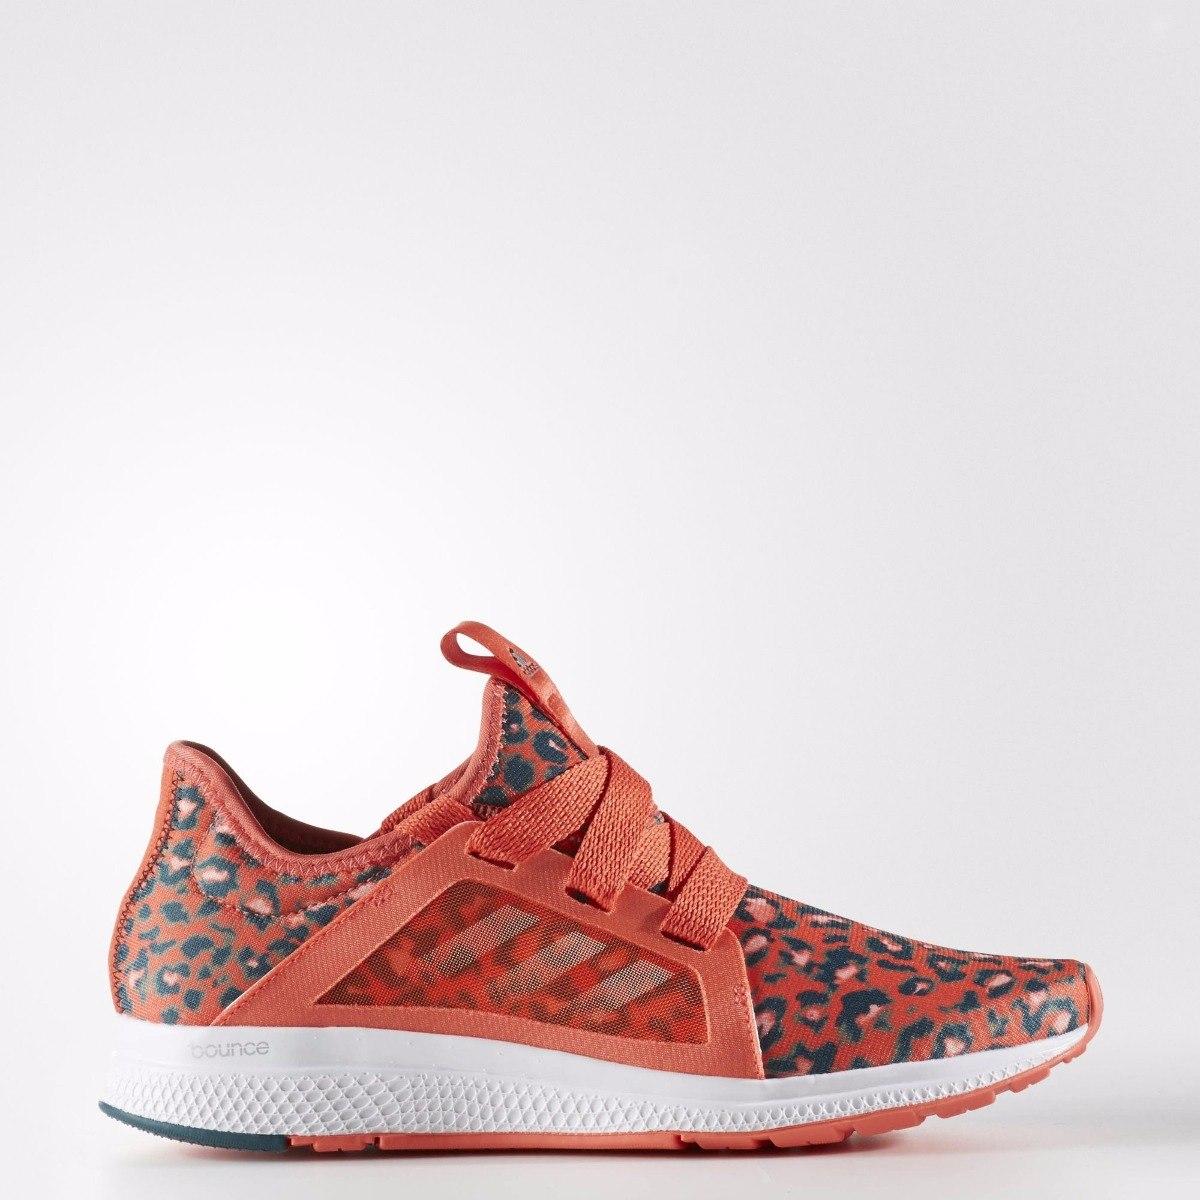 Running Talle 40 Zapatillas Dama W 35 adidas Lux Edge Al gvfb7I6Yym